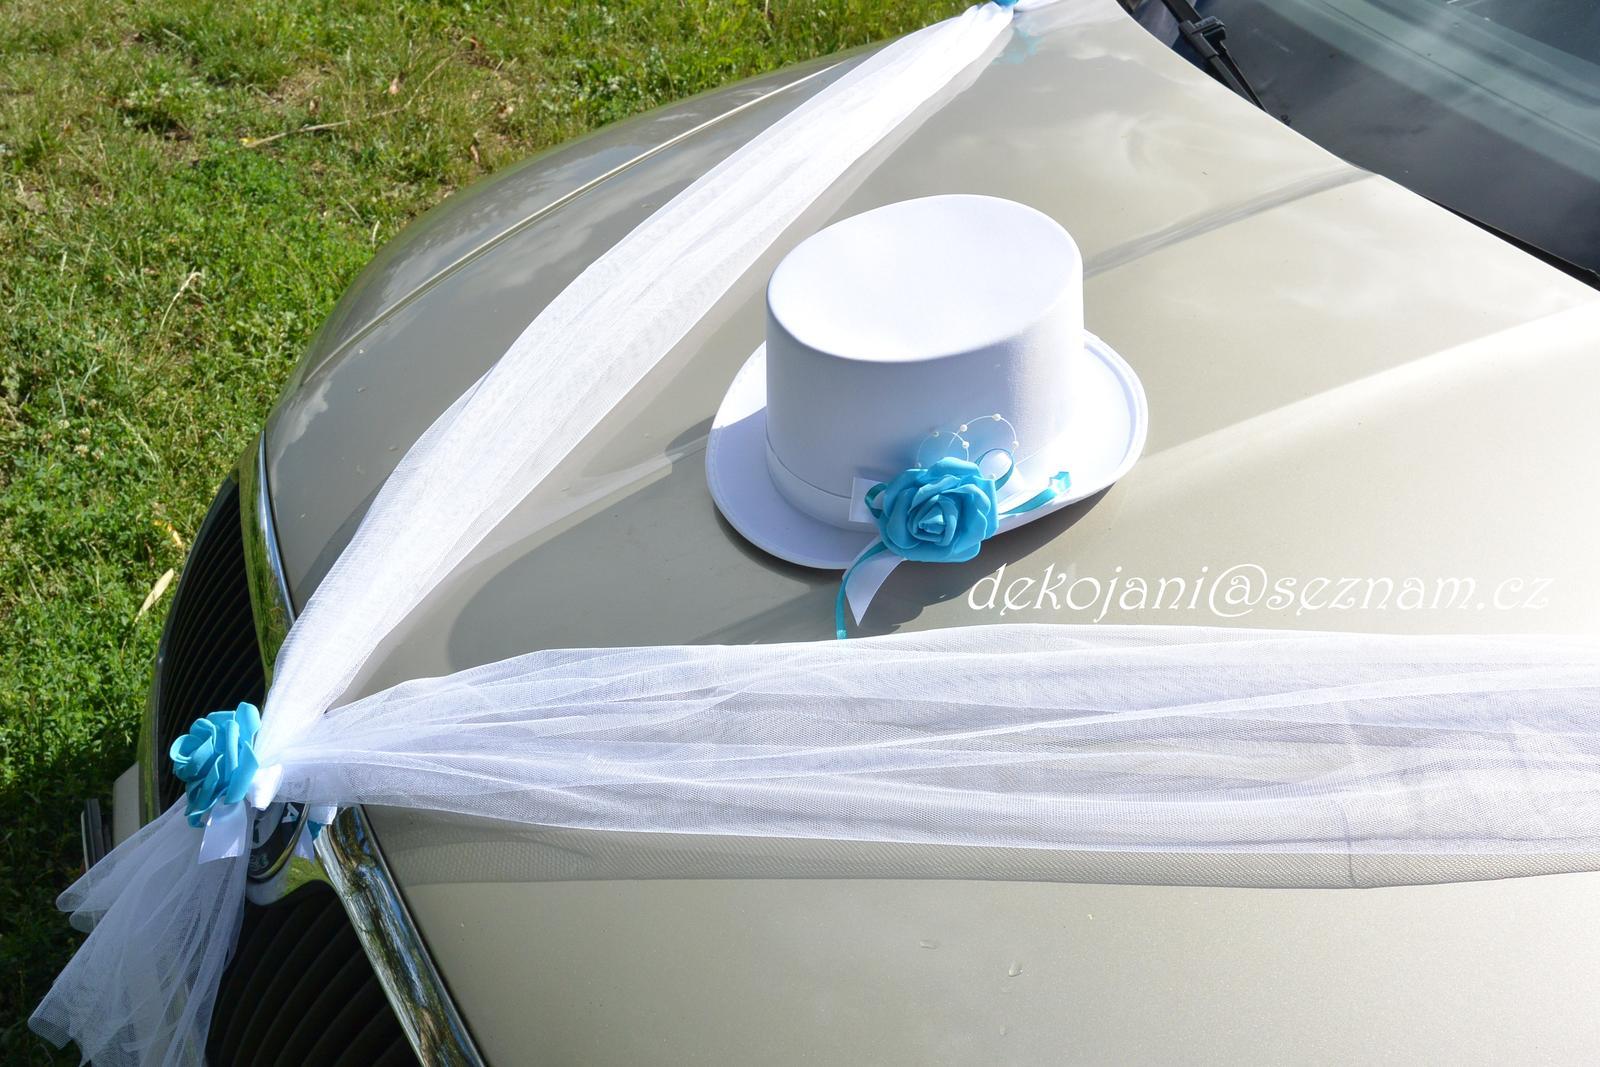 Svatební dekorace vše v barvách na přání! - Obrázek č. 16